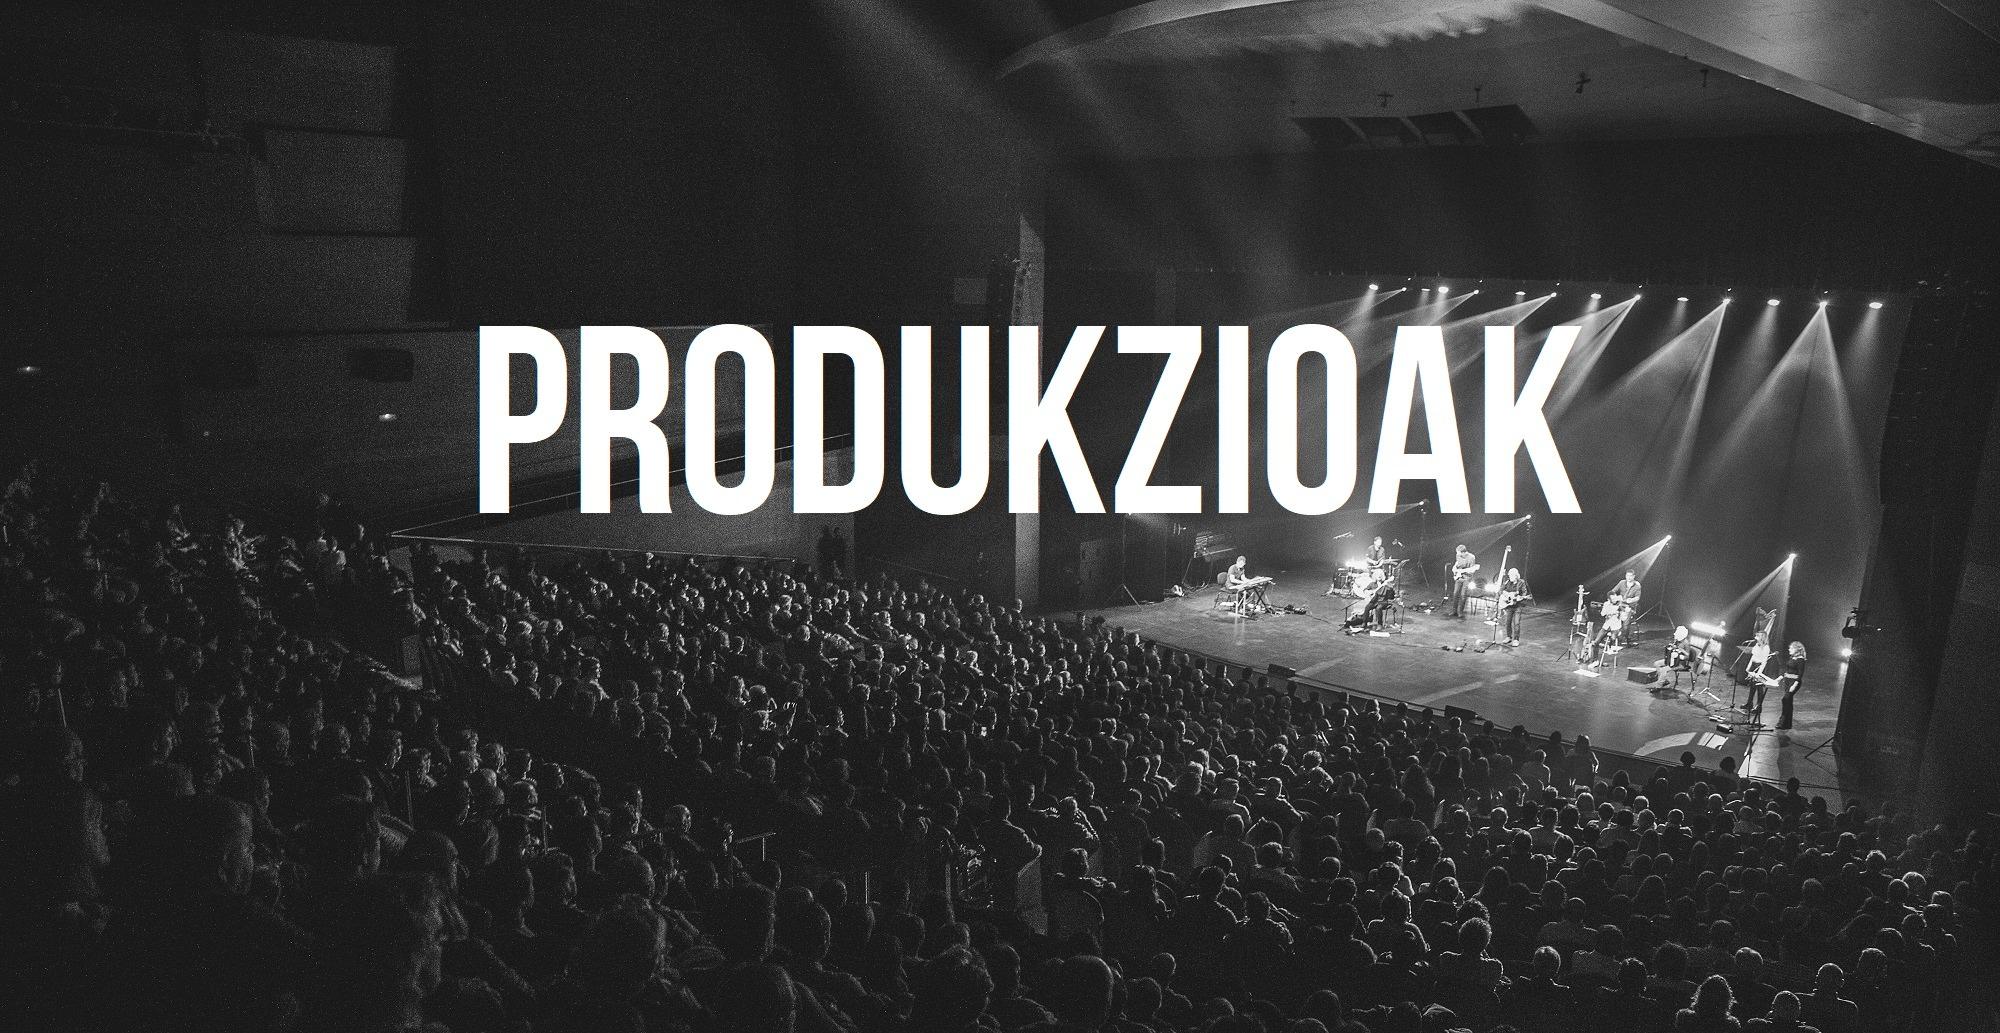 Produkzioak